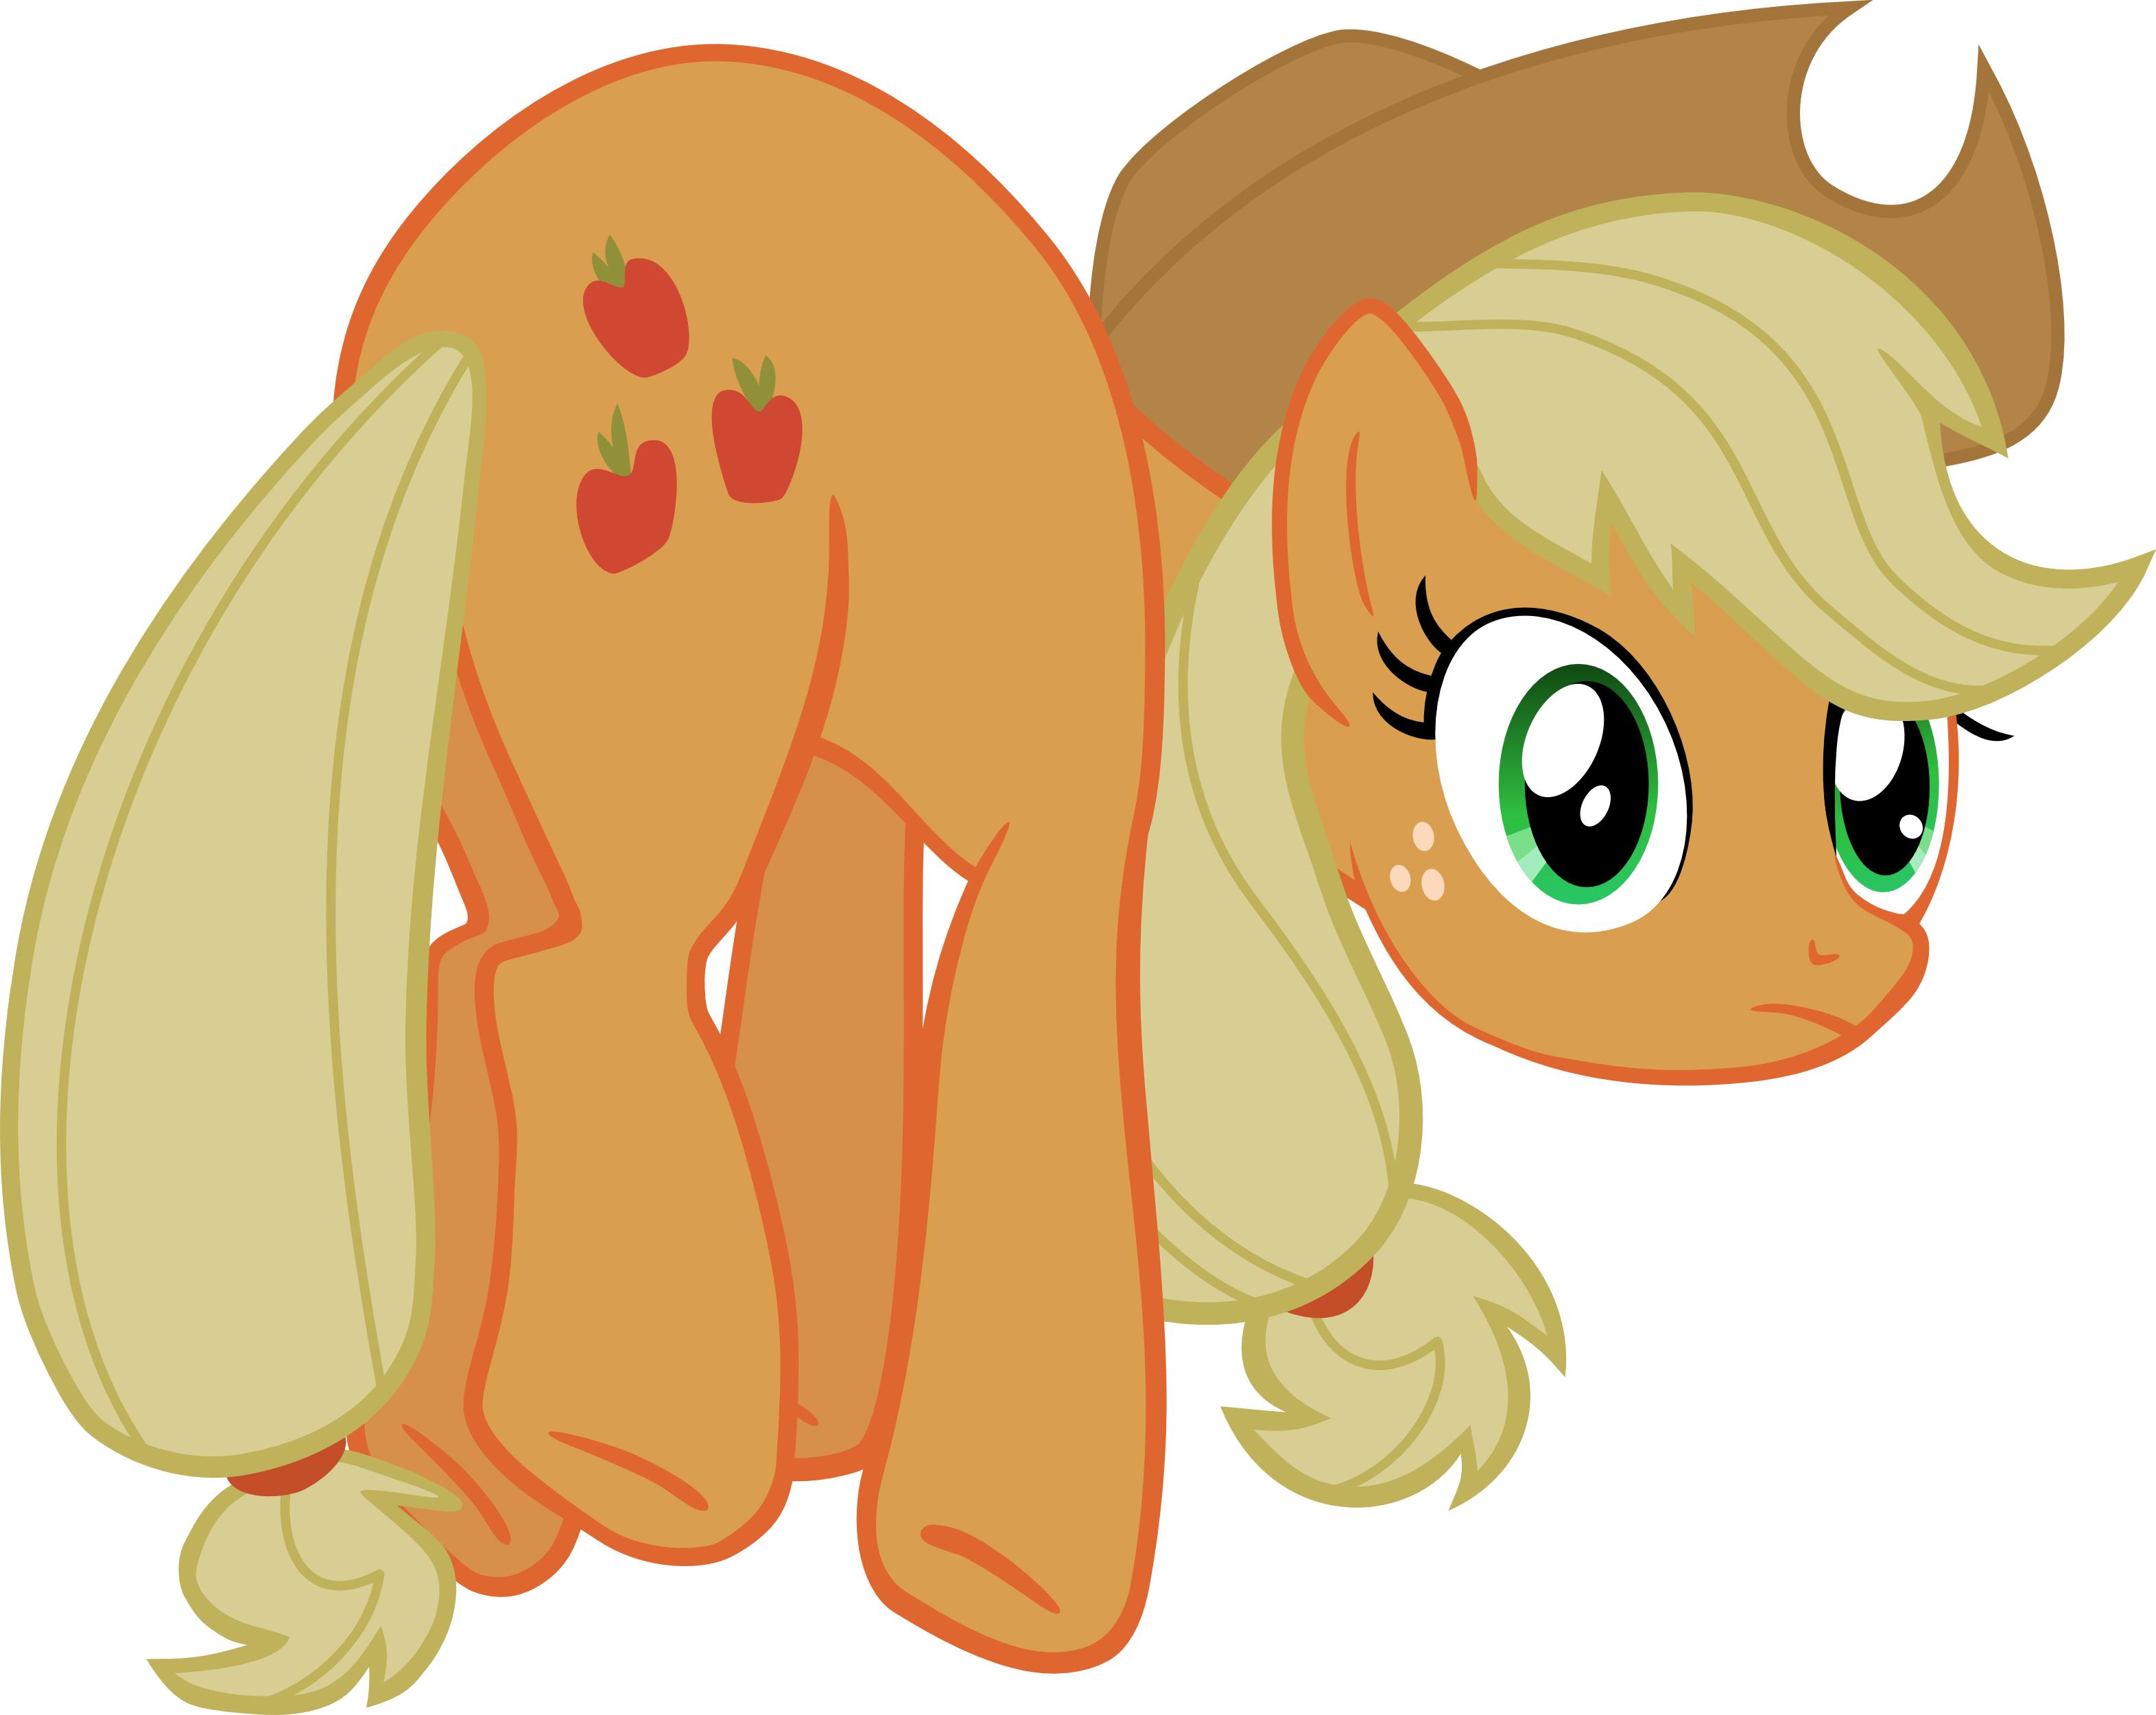 164 Applejack (My Little Pony) Fondos de pantalla HD | Fondos de ...